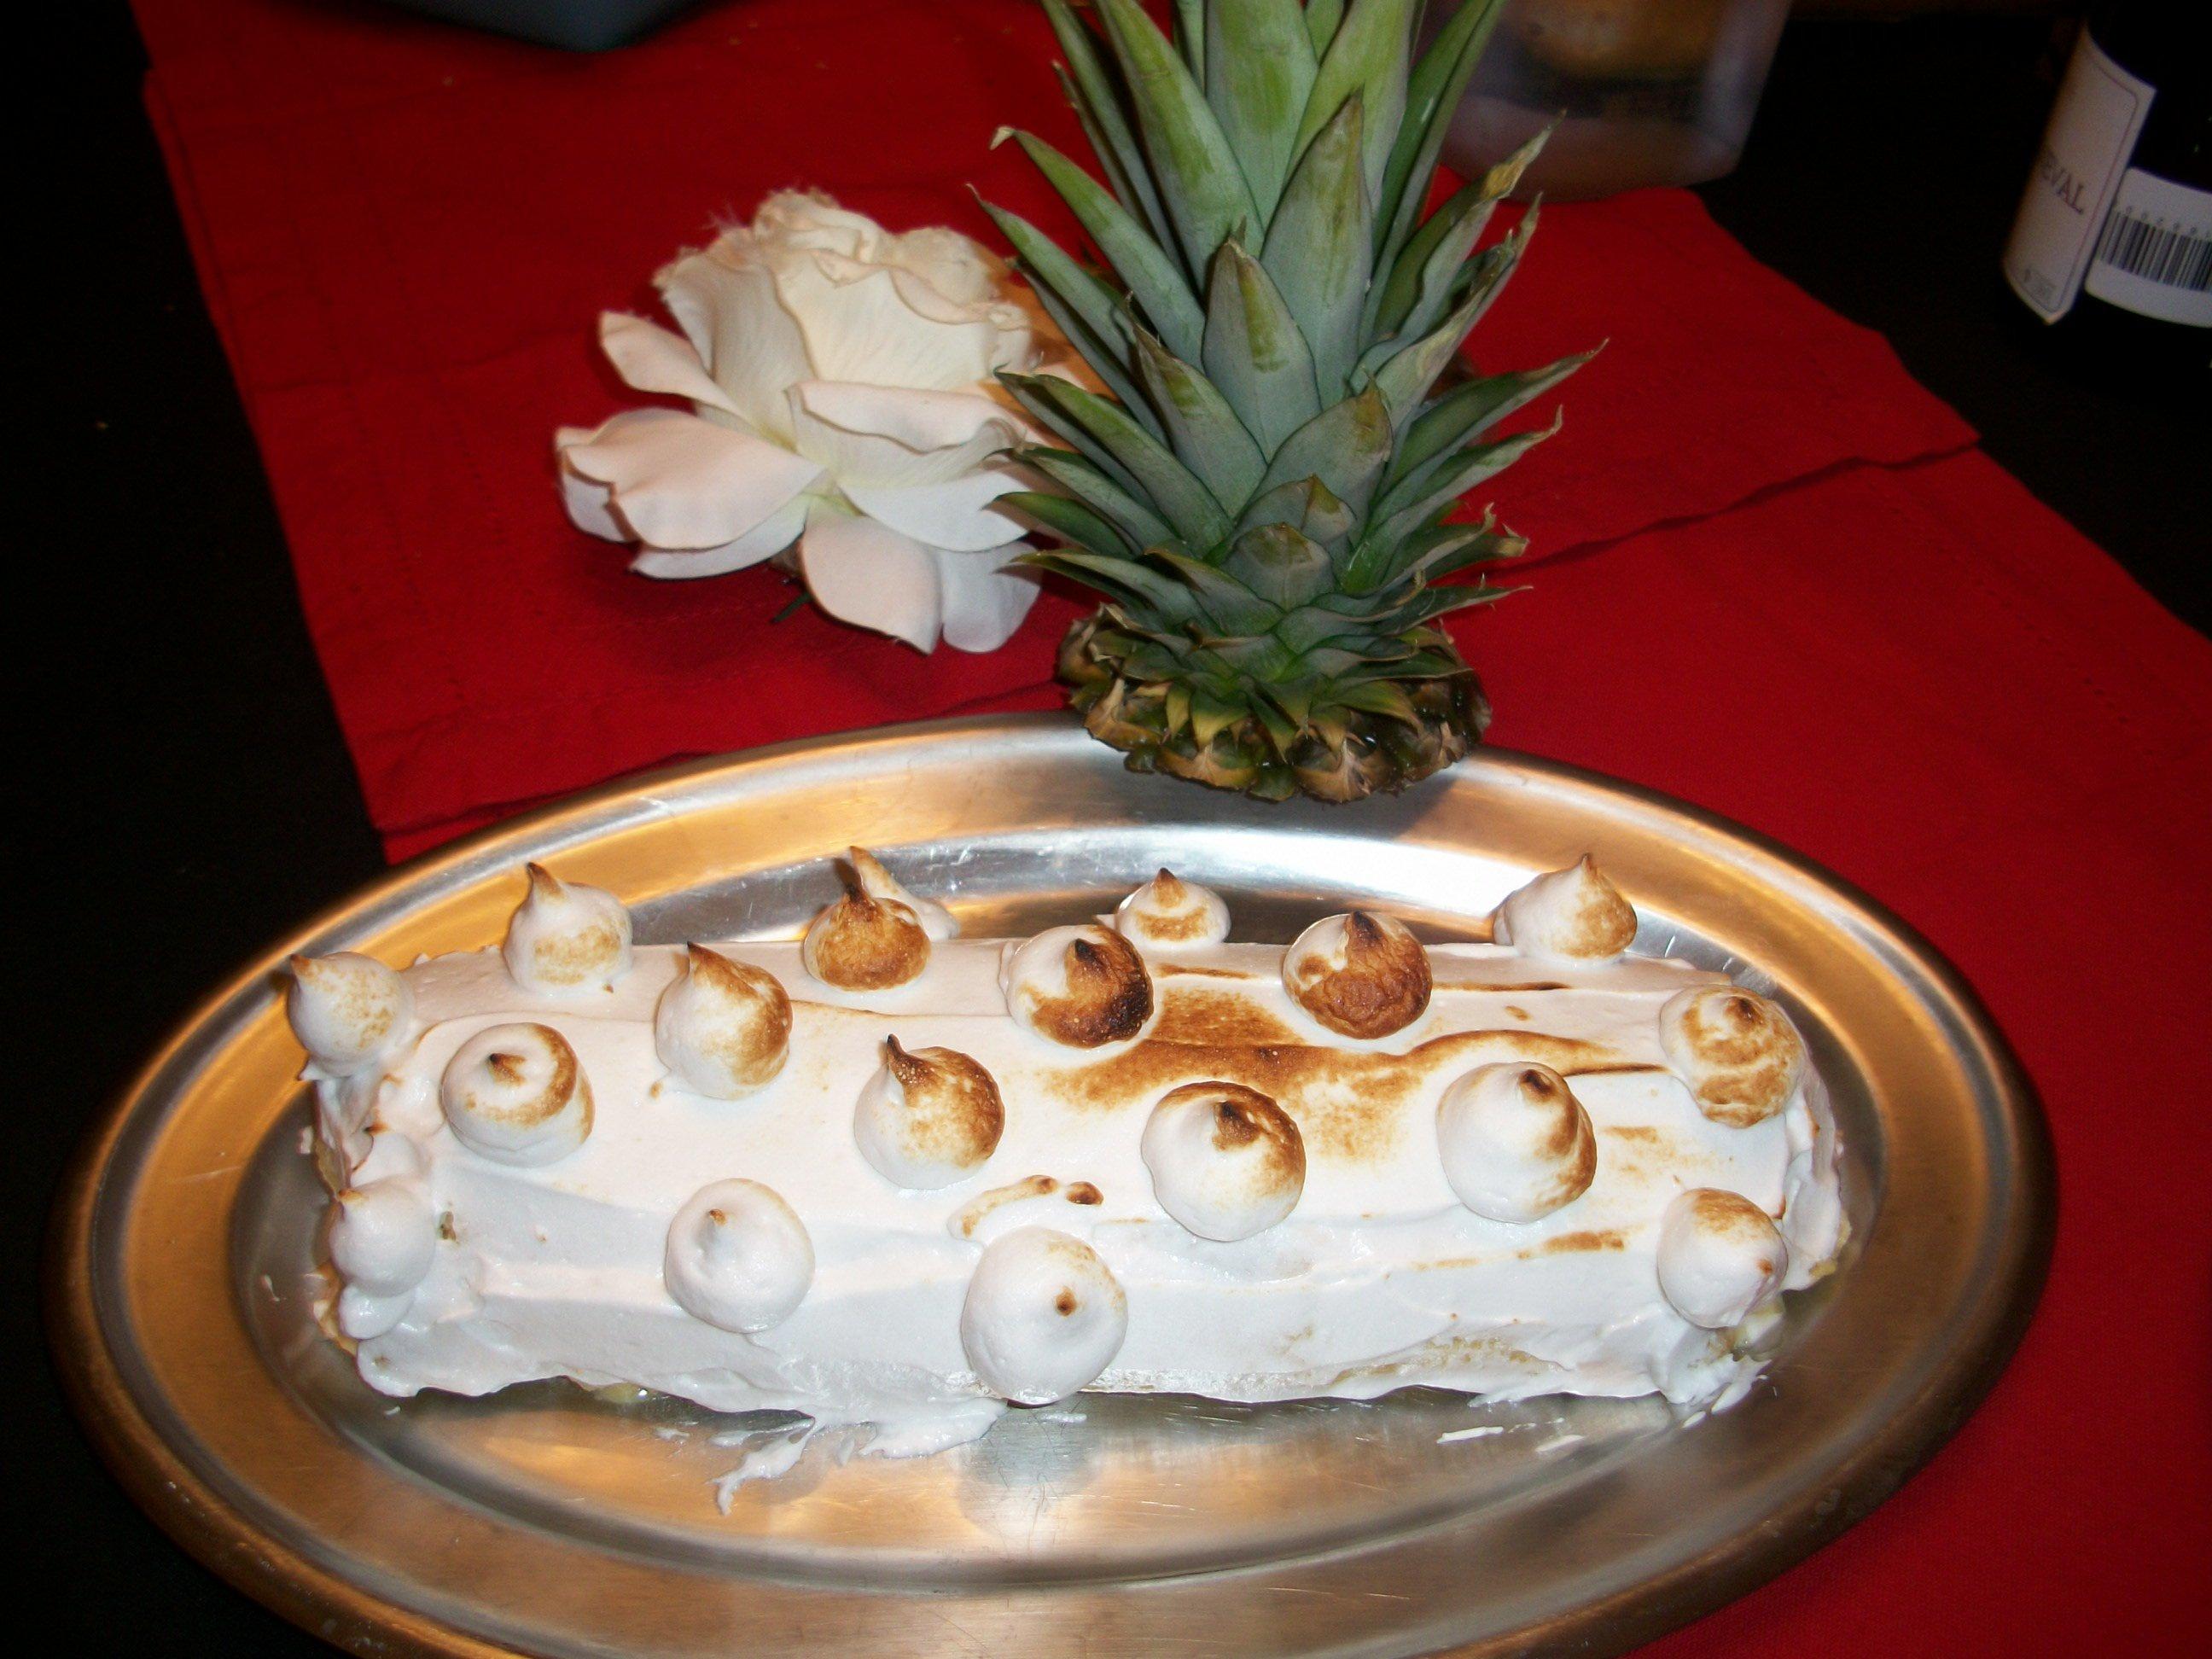 La cuisine de christine un dessert traditionel pour noel for La cuisine de christine